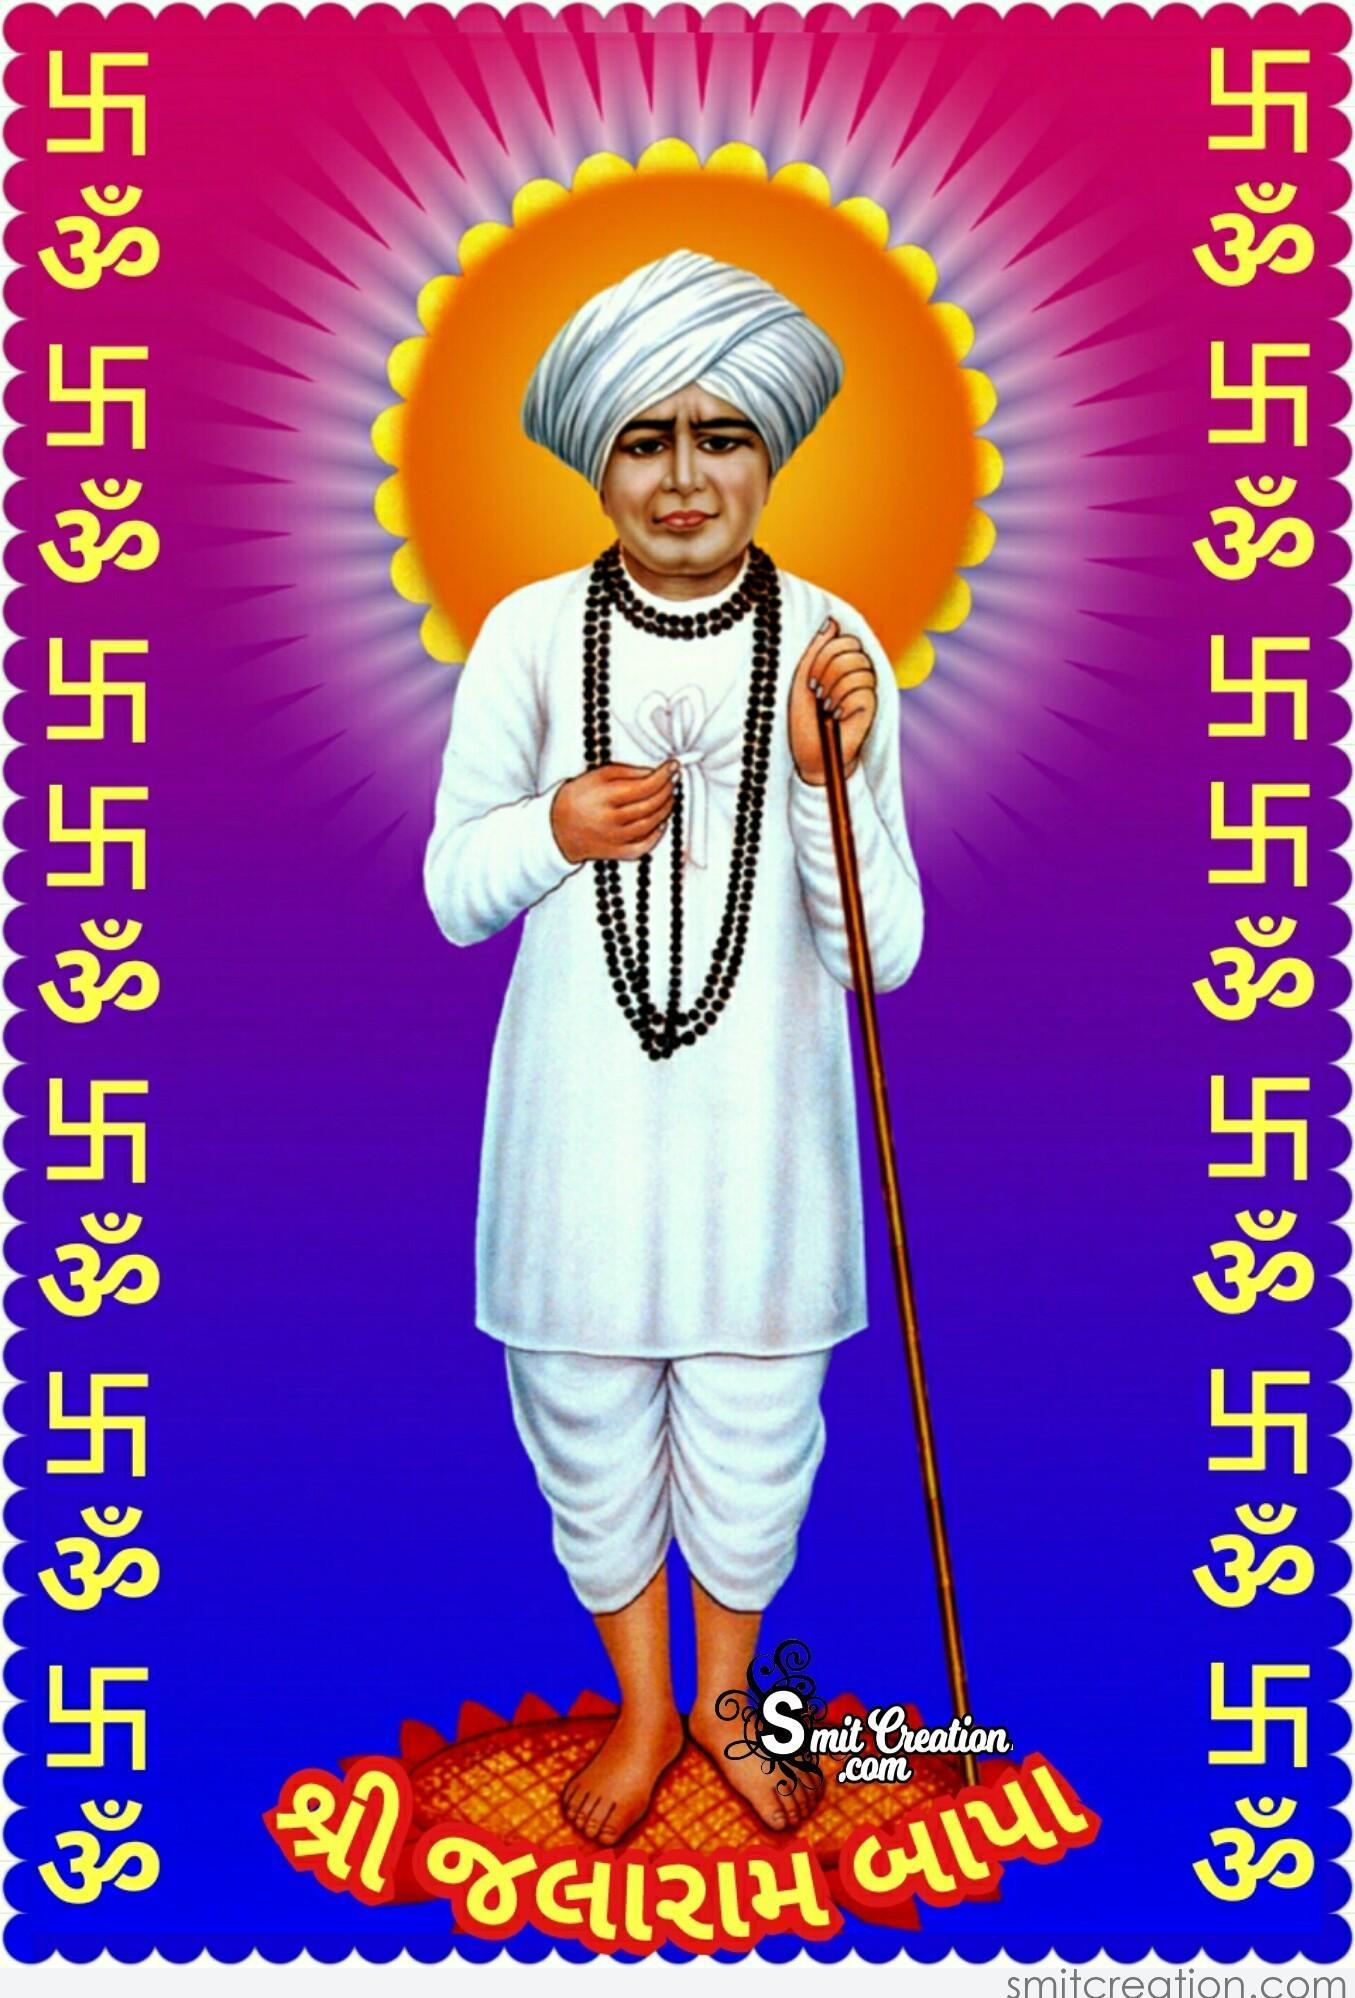 Shri Jalaram Bapa - SmitCreation.com